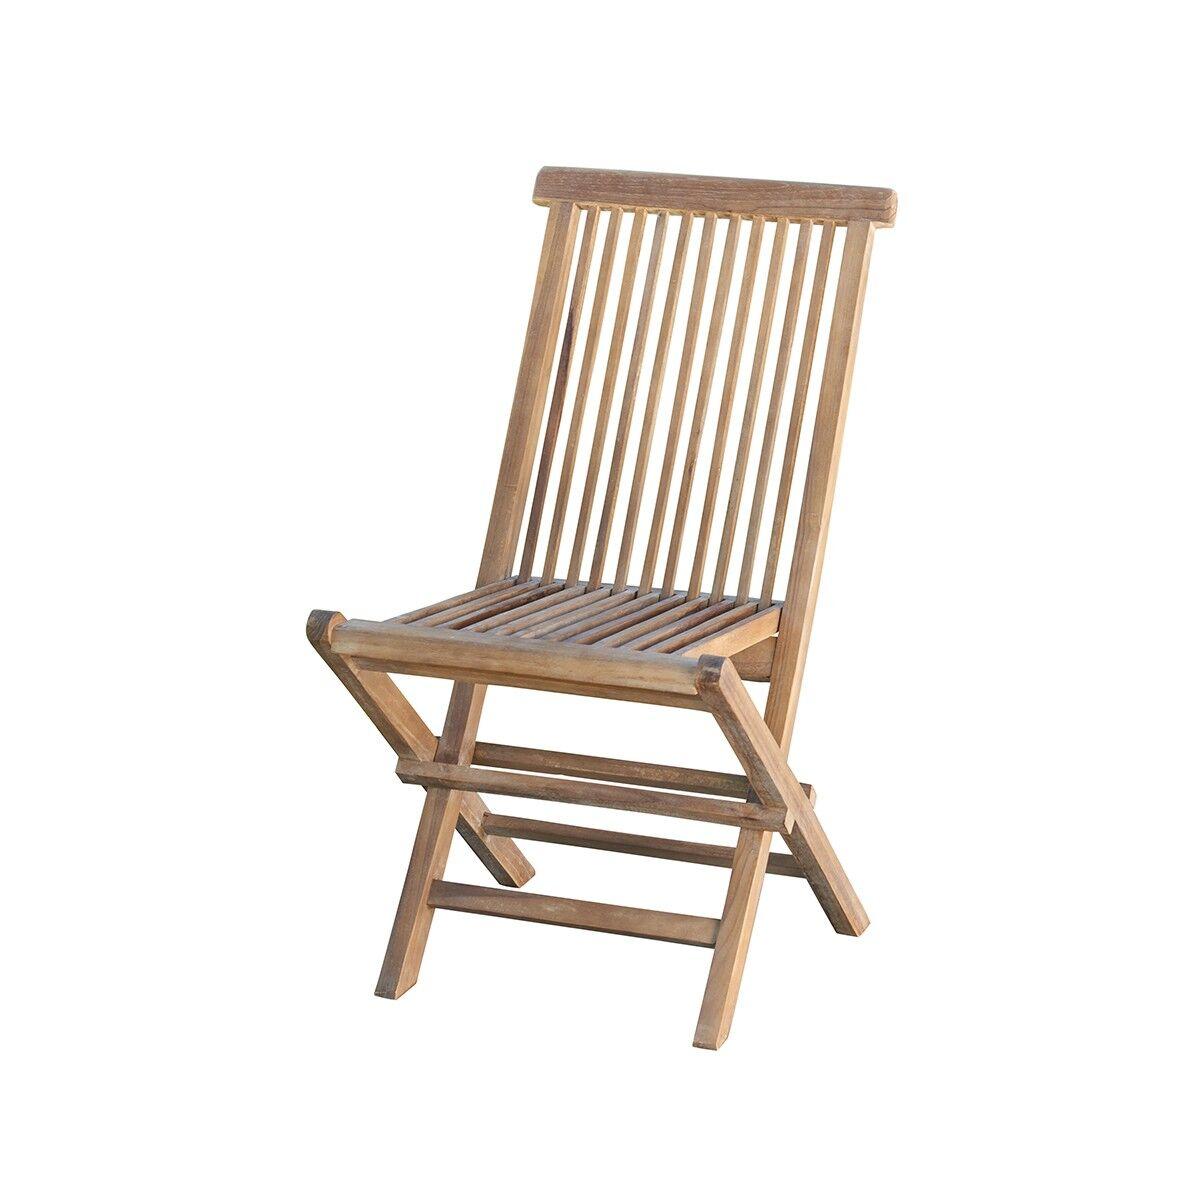 Bois Dessus Bois Dessous Chaise de jardin en teck huilé pliante